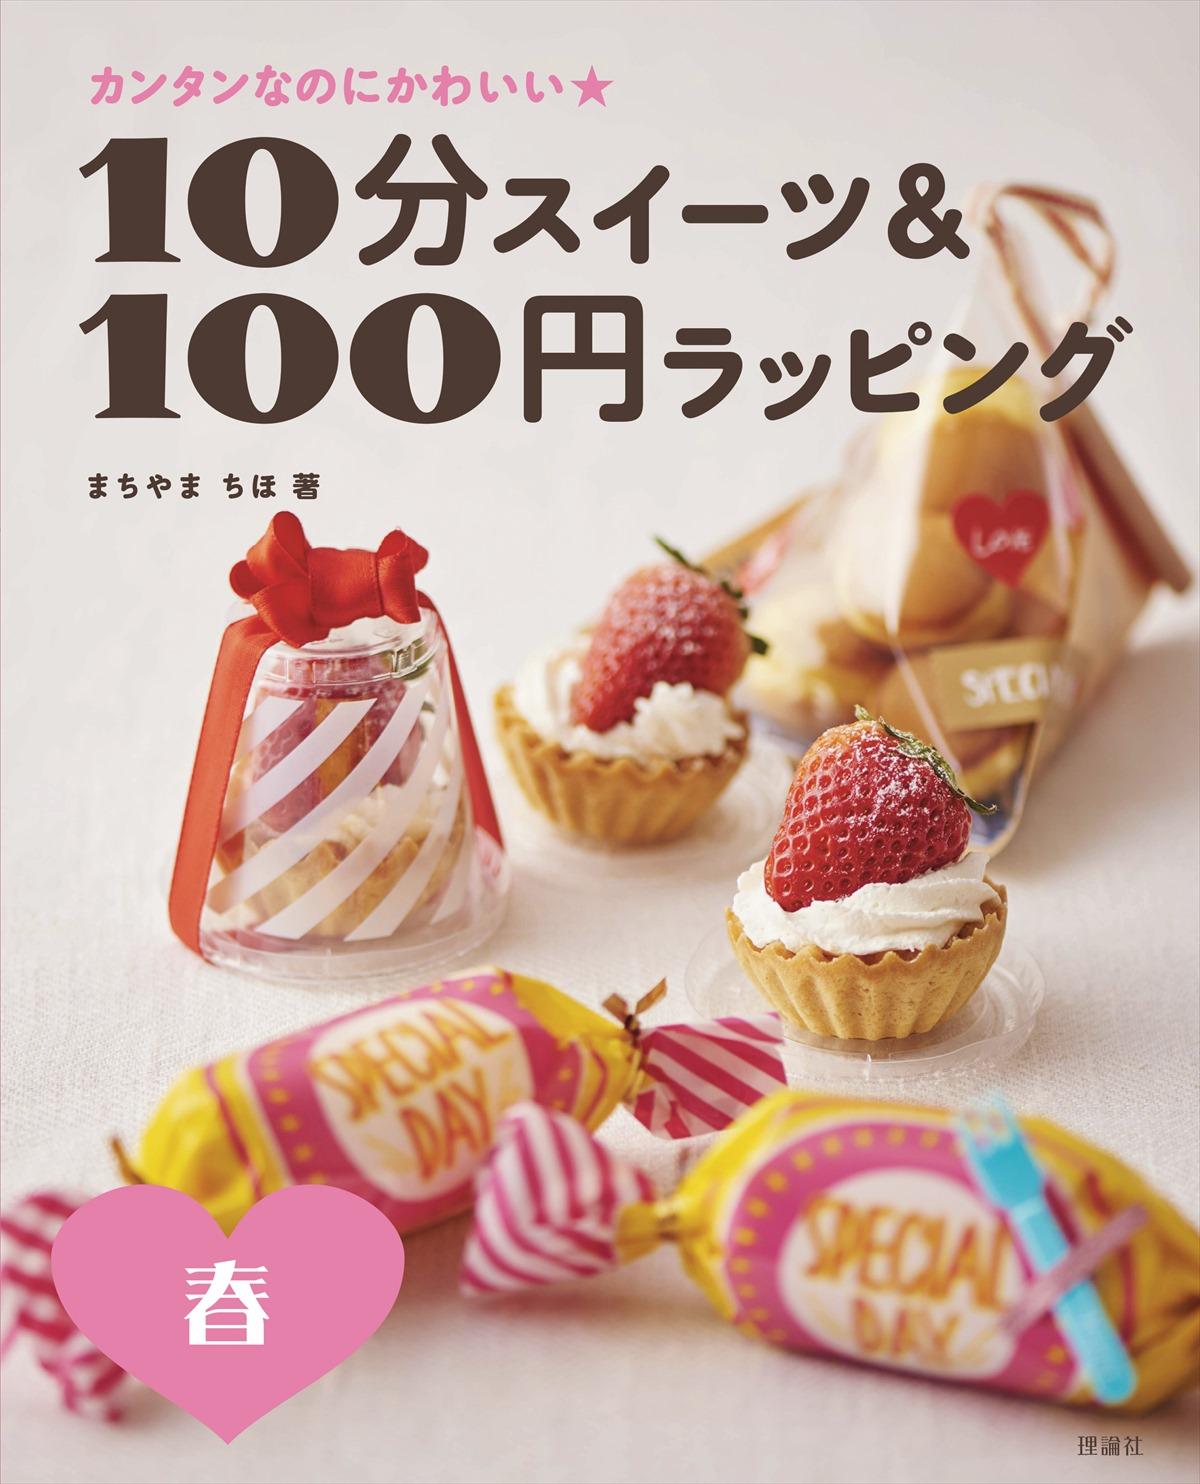 10分スイーツ&100円ラッピング 春